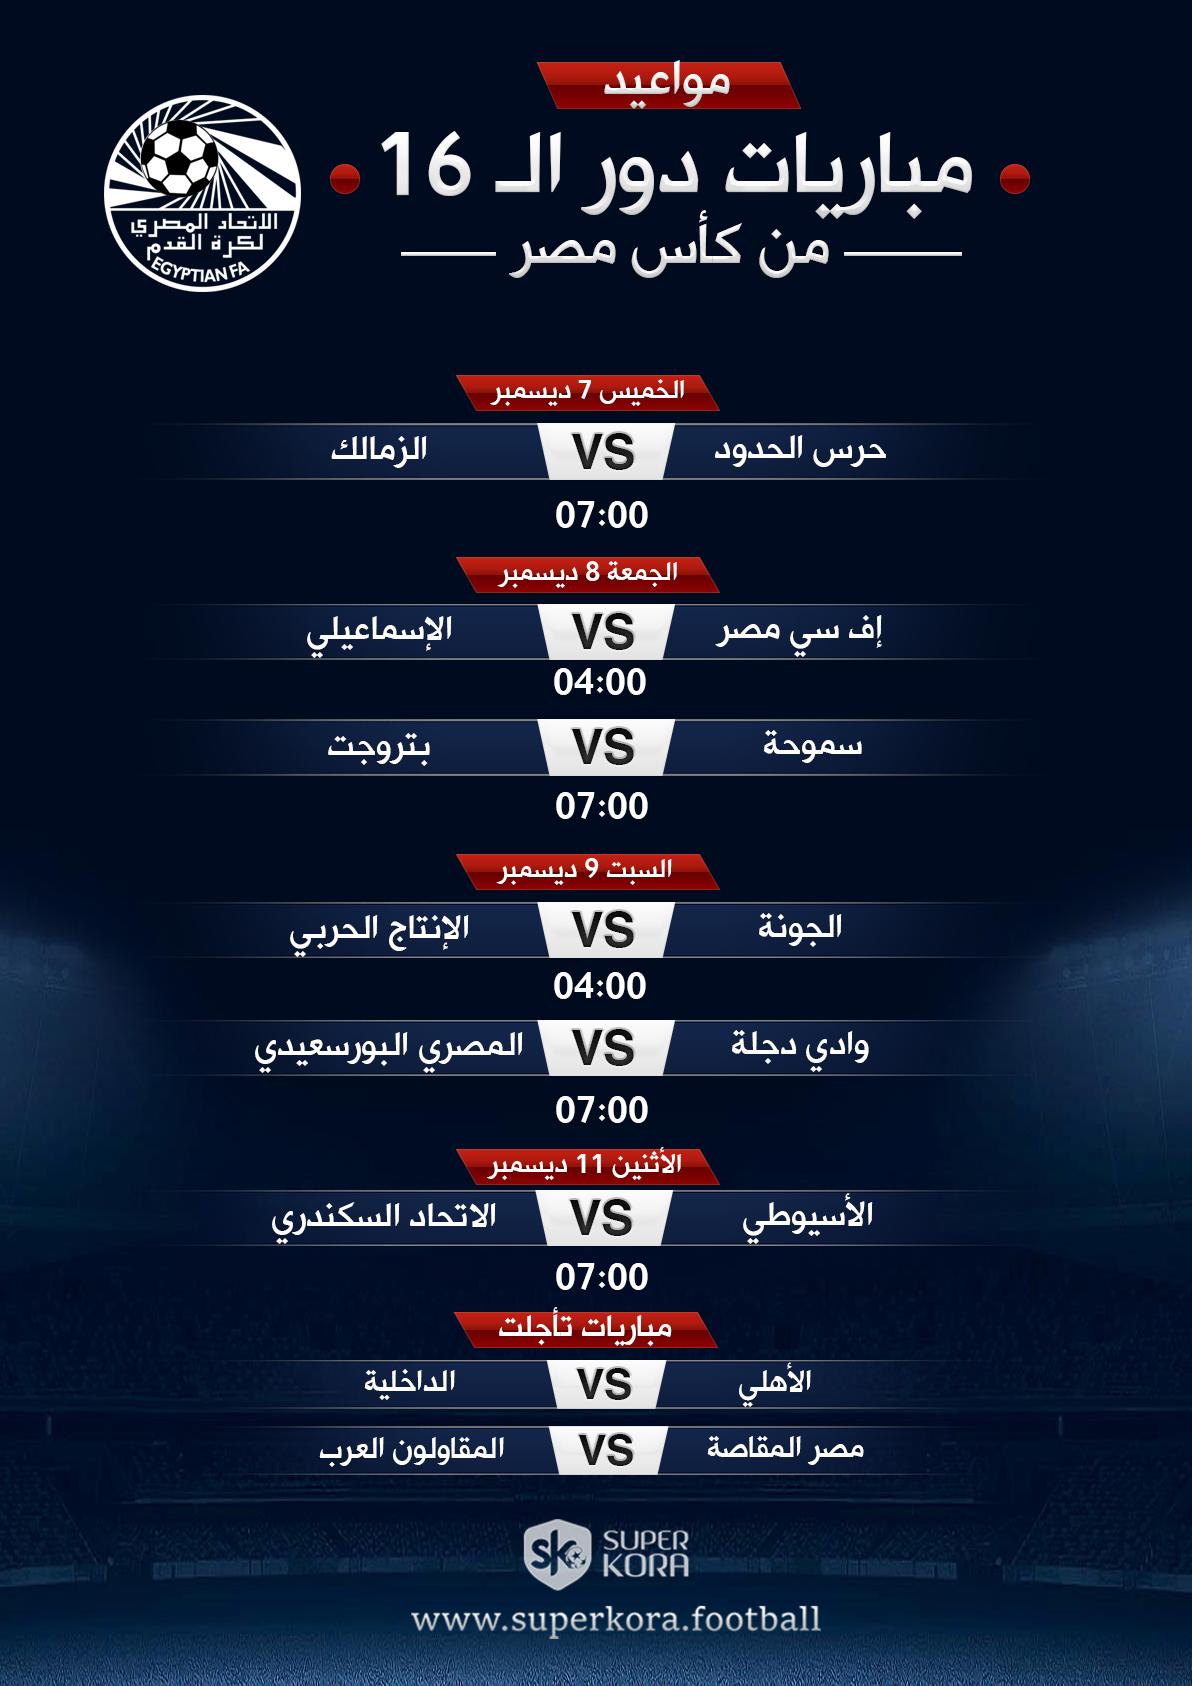 إنفوجراف مواعيد مباريات دور الـ 16 في كأس مصر سوبر كورة